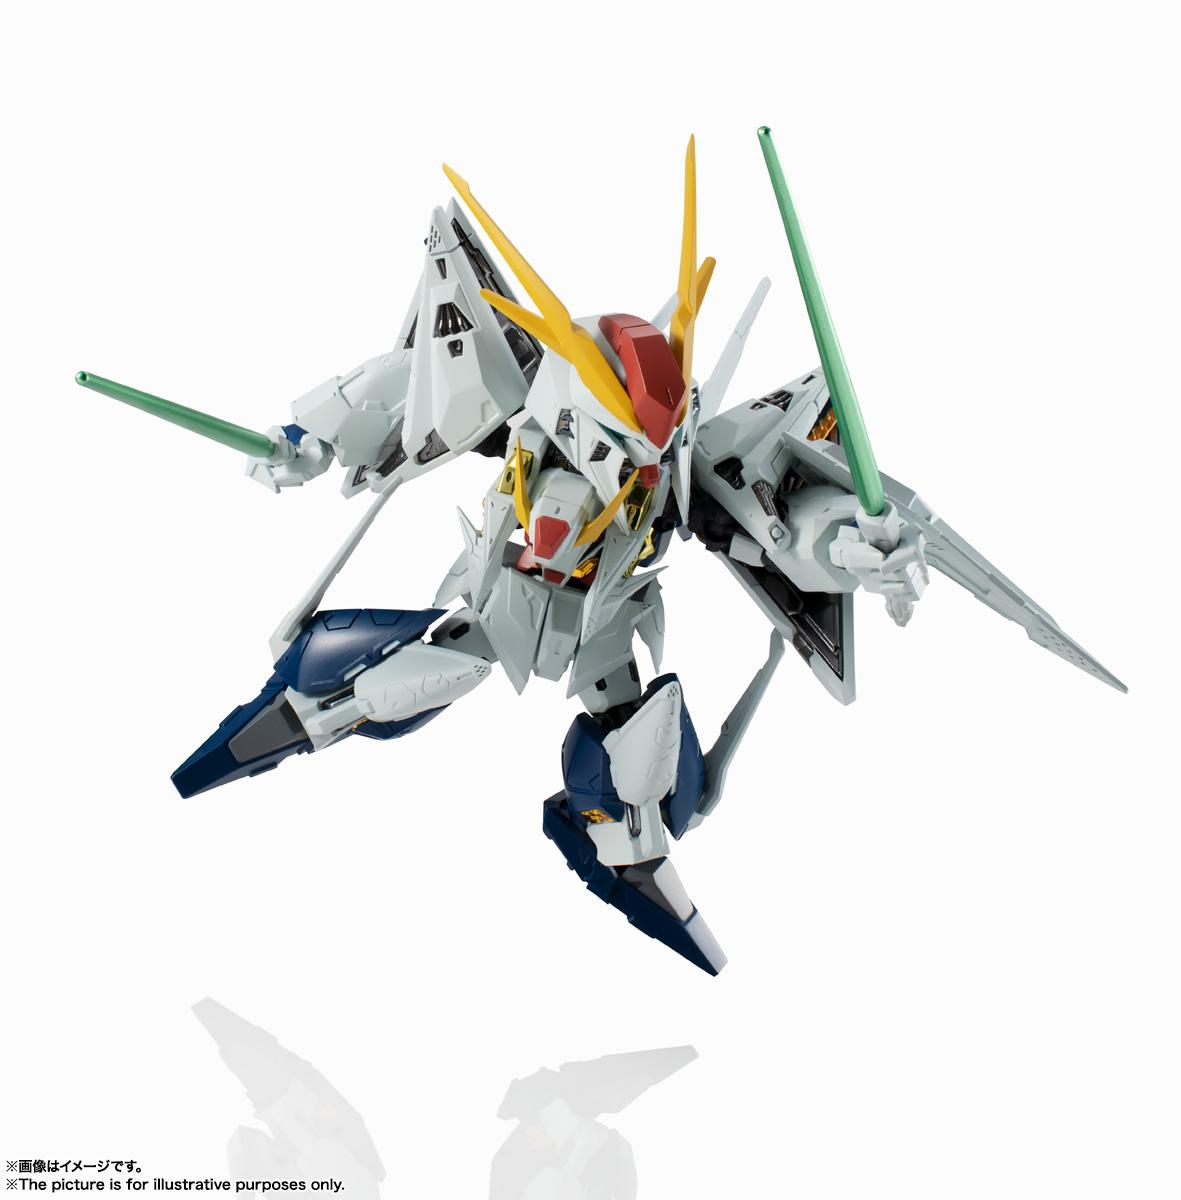 NXEDGE STYLE[MS UNIT]『Ξガンダム』機動戦士ガンダム 閃光のハサウェイ デフォルメ可動フィギュア-007